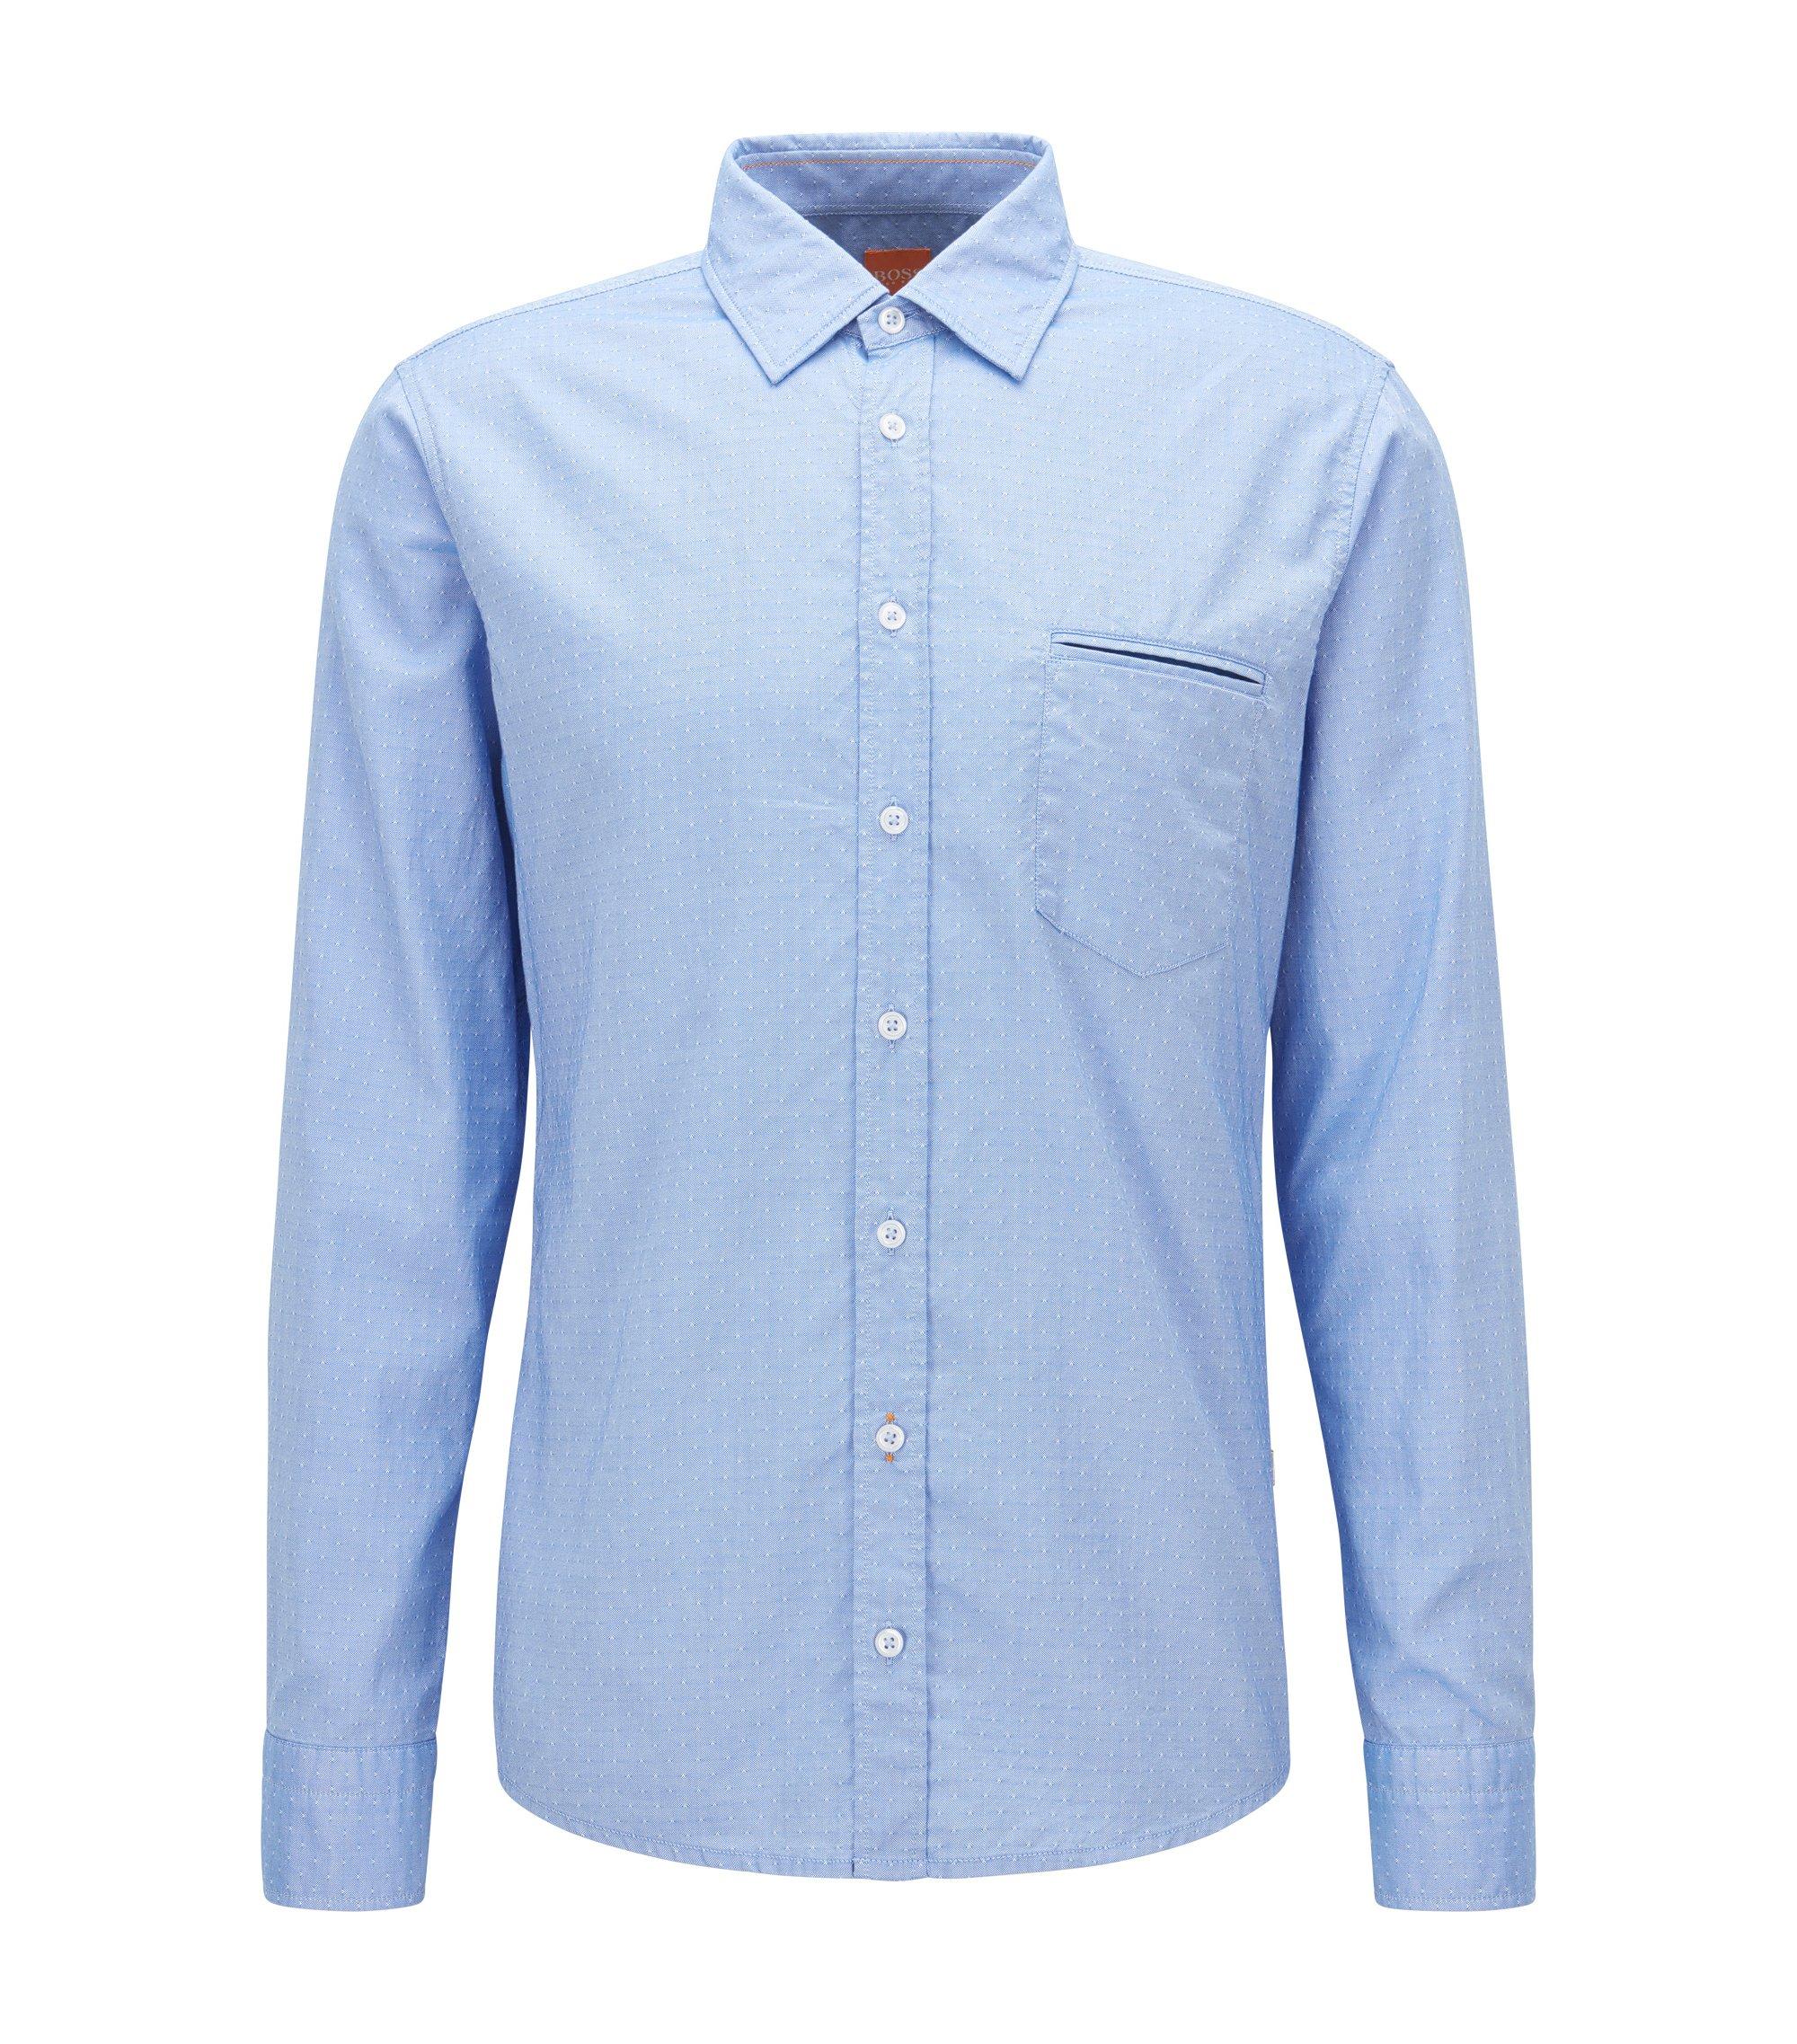 Chemise en coton façonné Regular Fit, Bleu